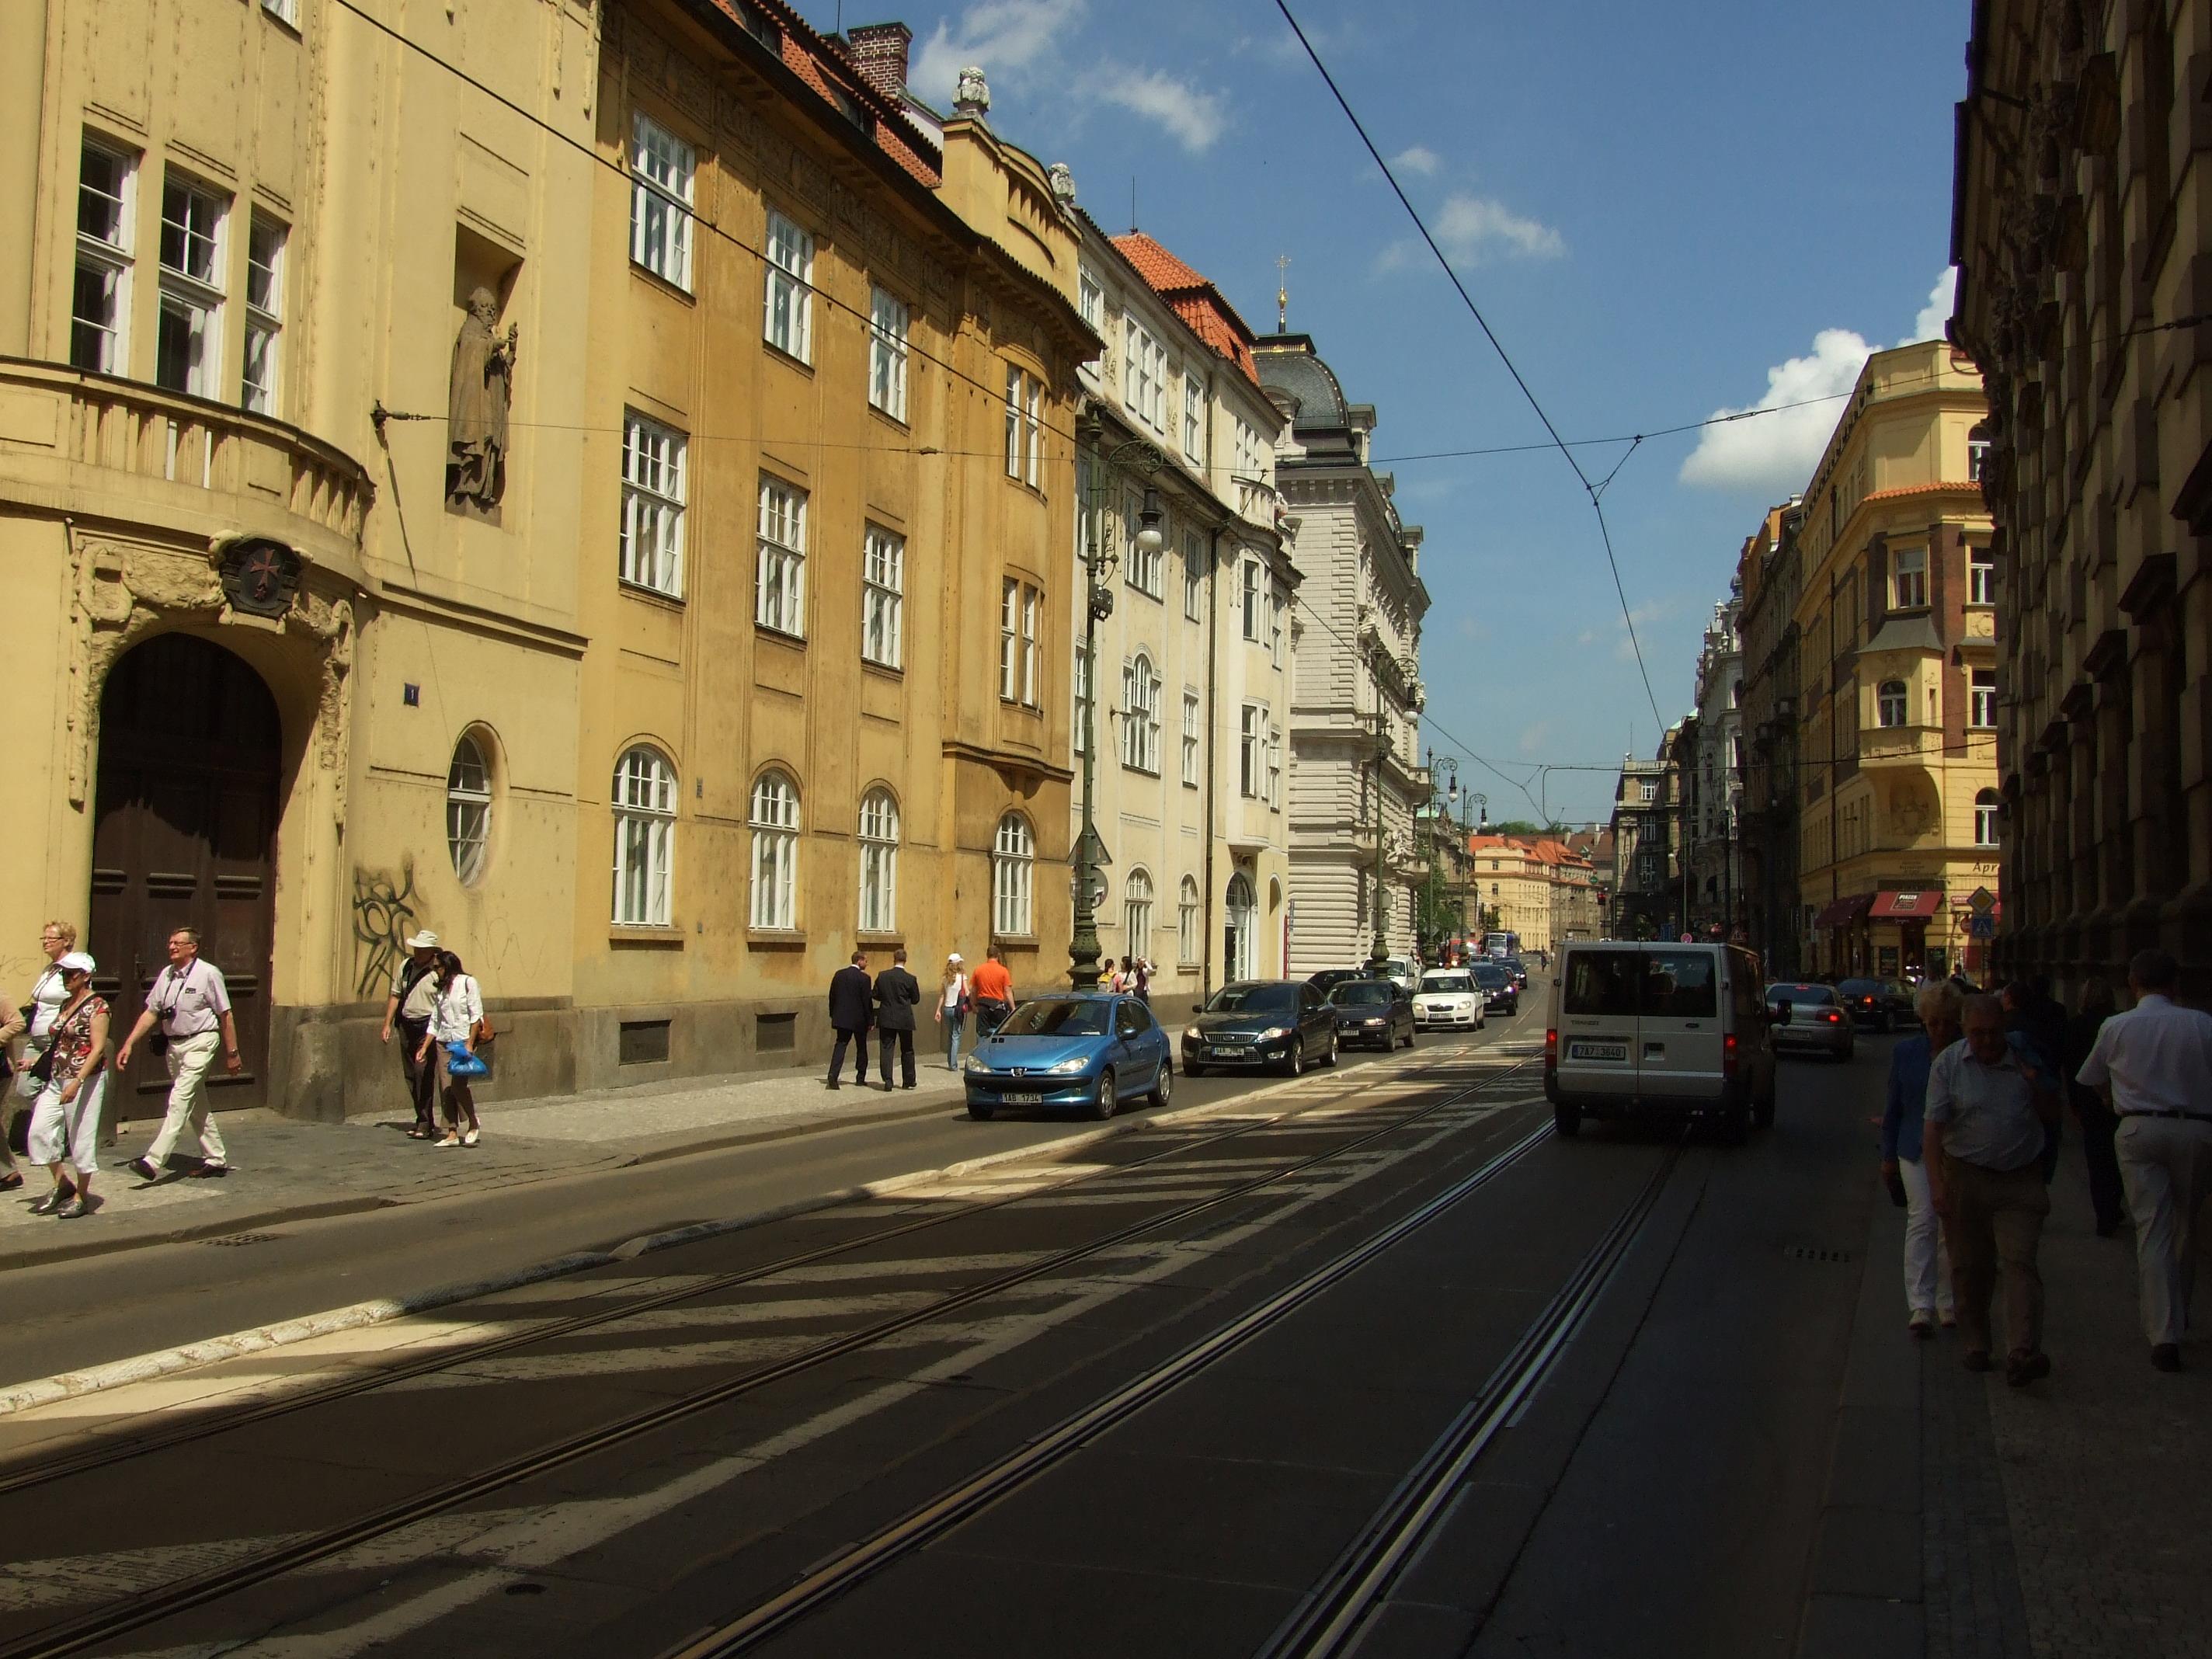 Description praha staré město křižovnická ulice jpg